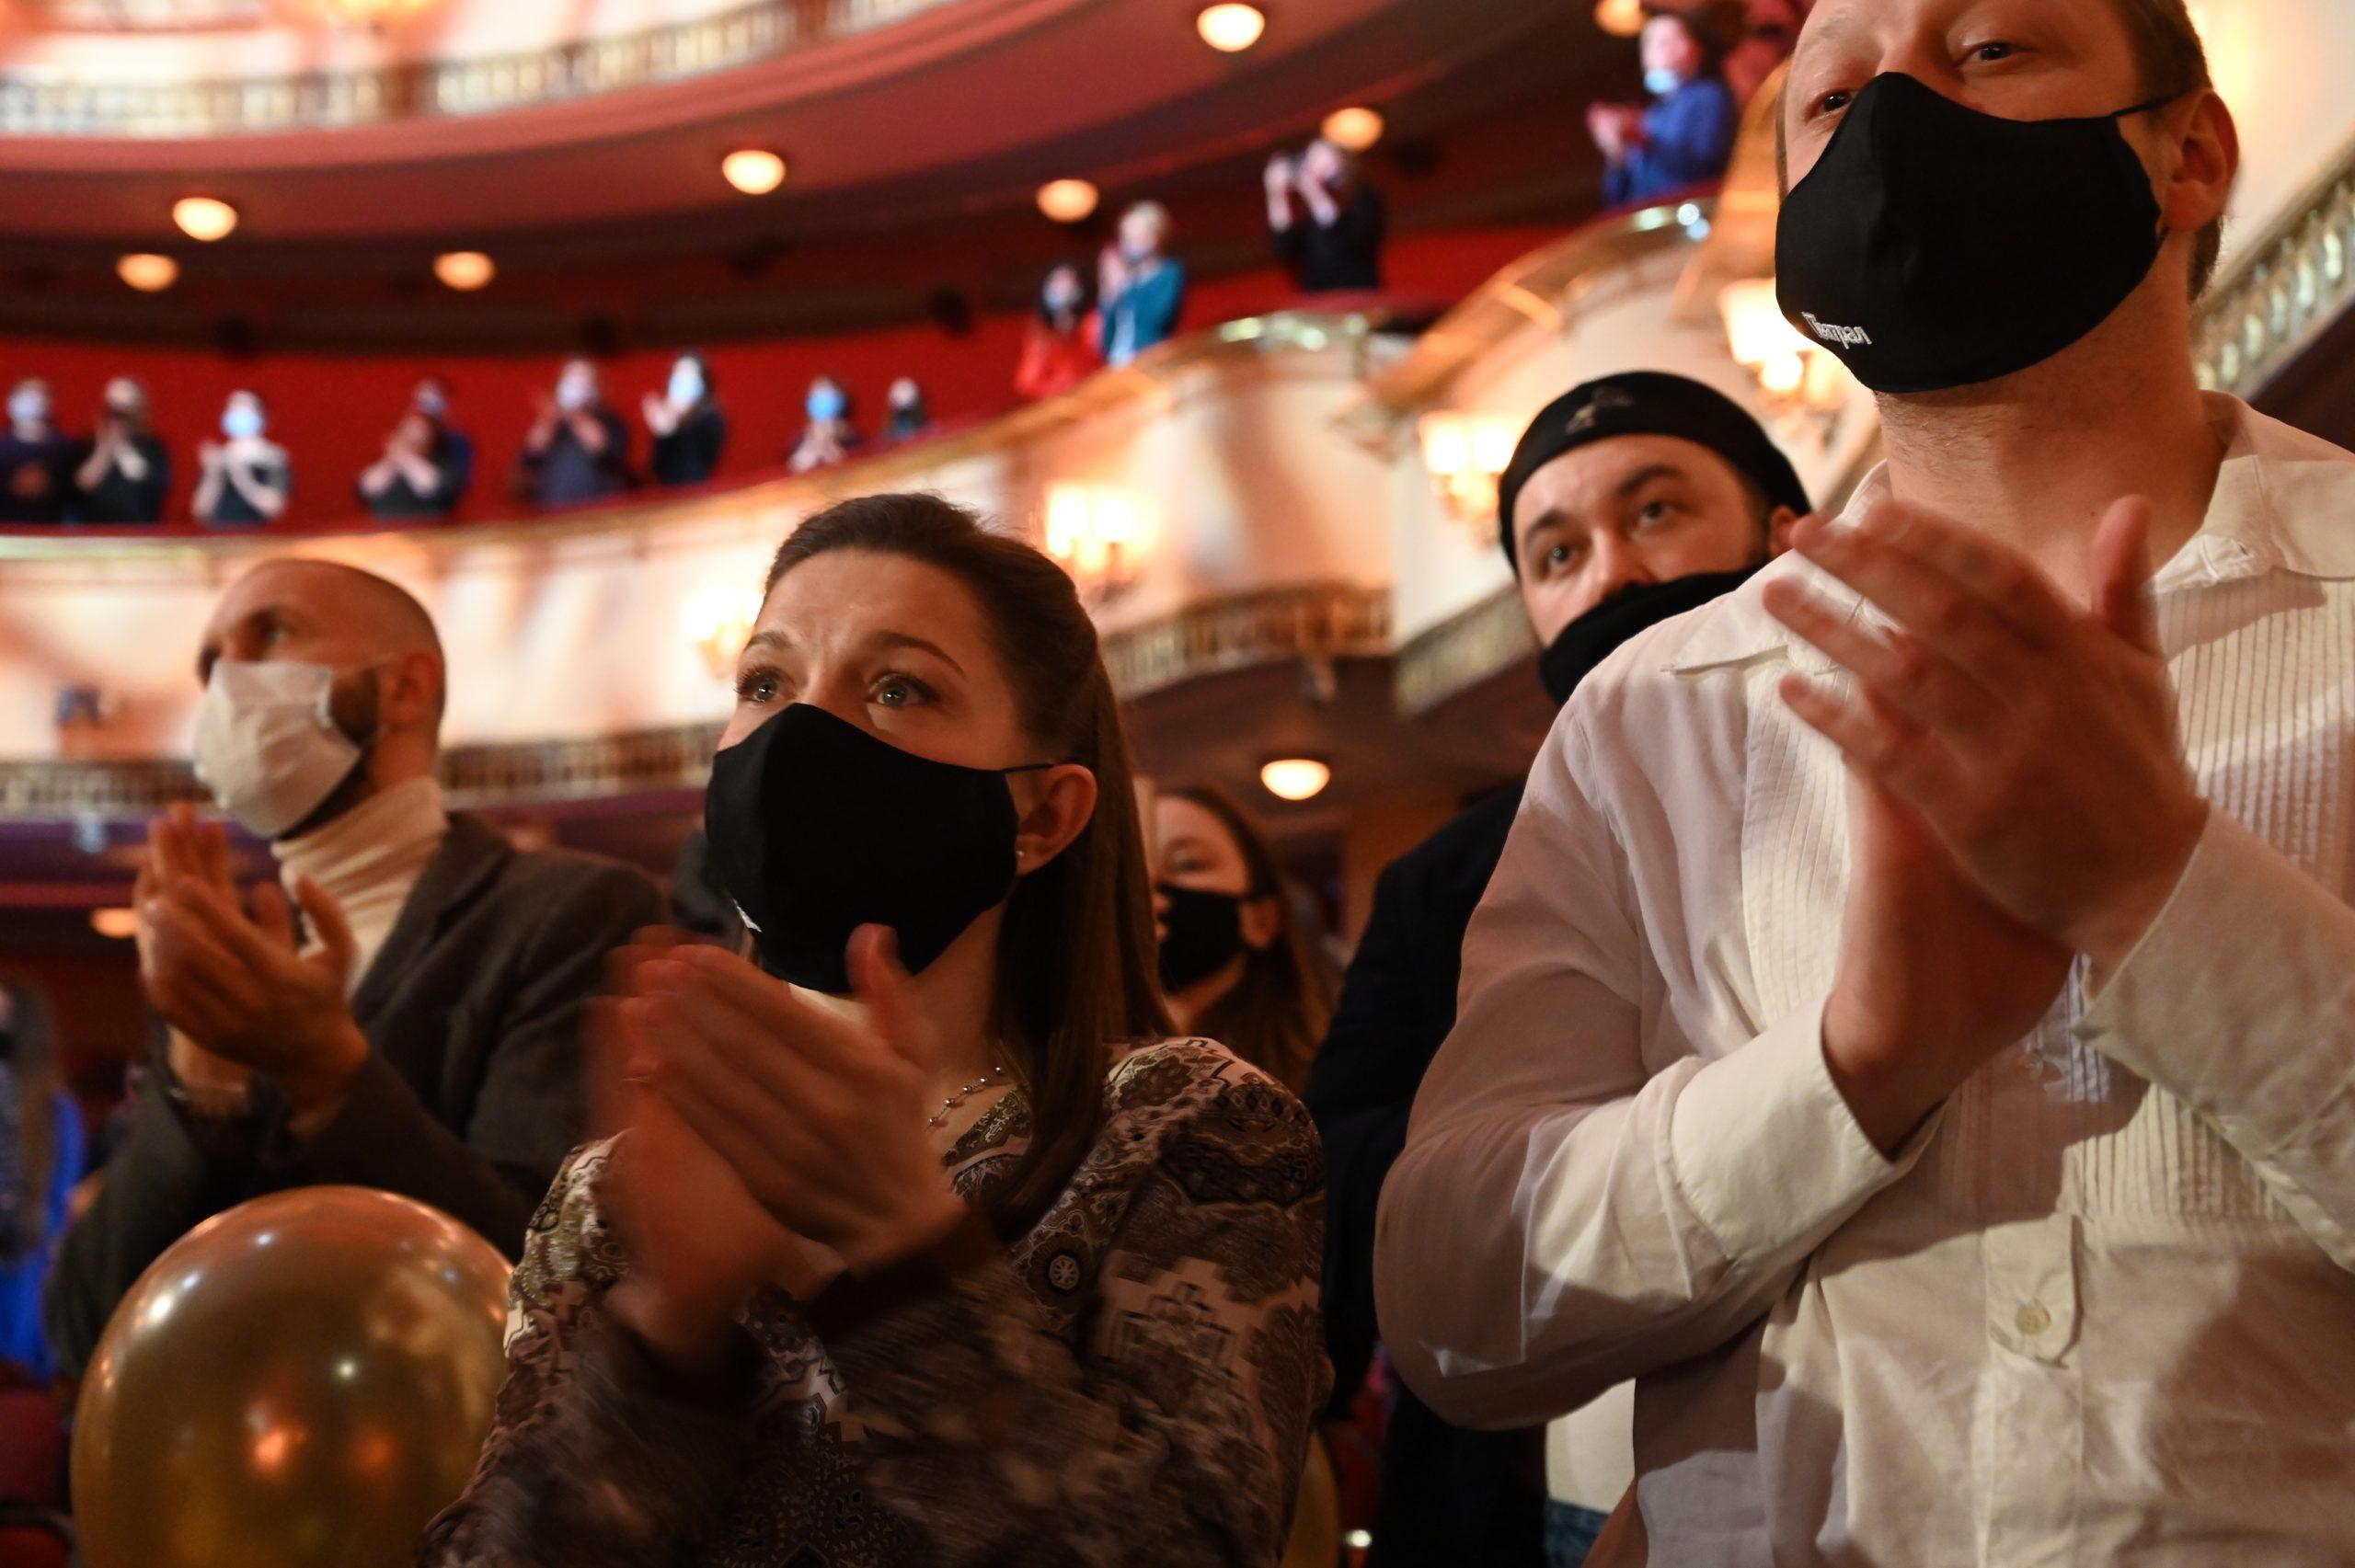 Театральные деятели поддержали идею доступа зрителей по QR-кодам